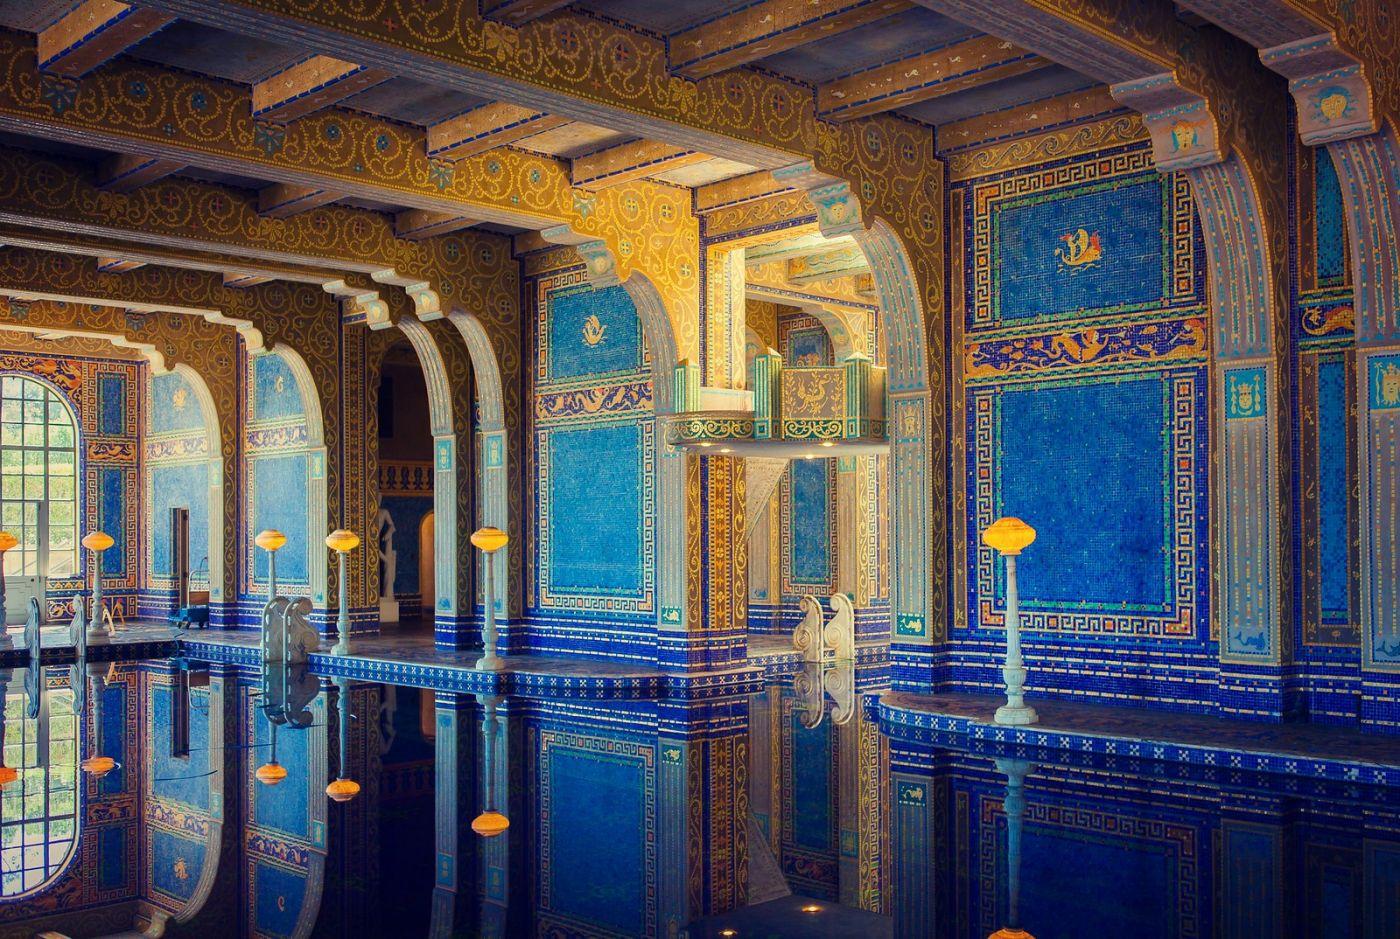 加州赫斯特城堡,主人的游泳池很开眼_图1-4